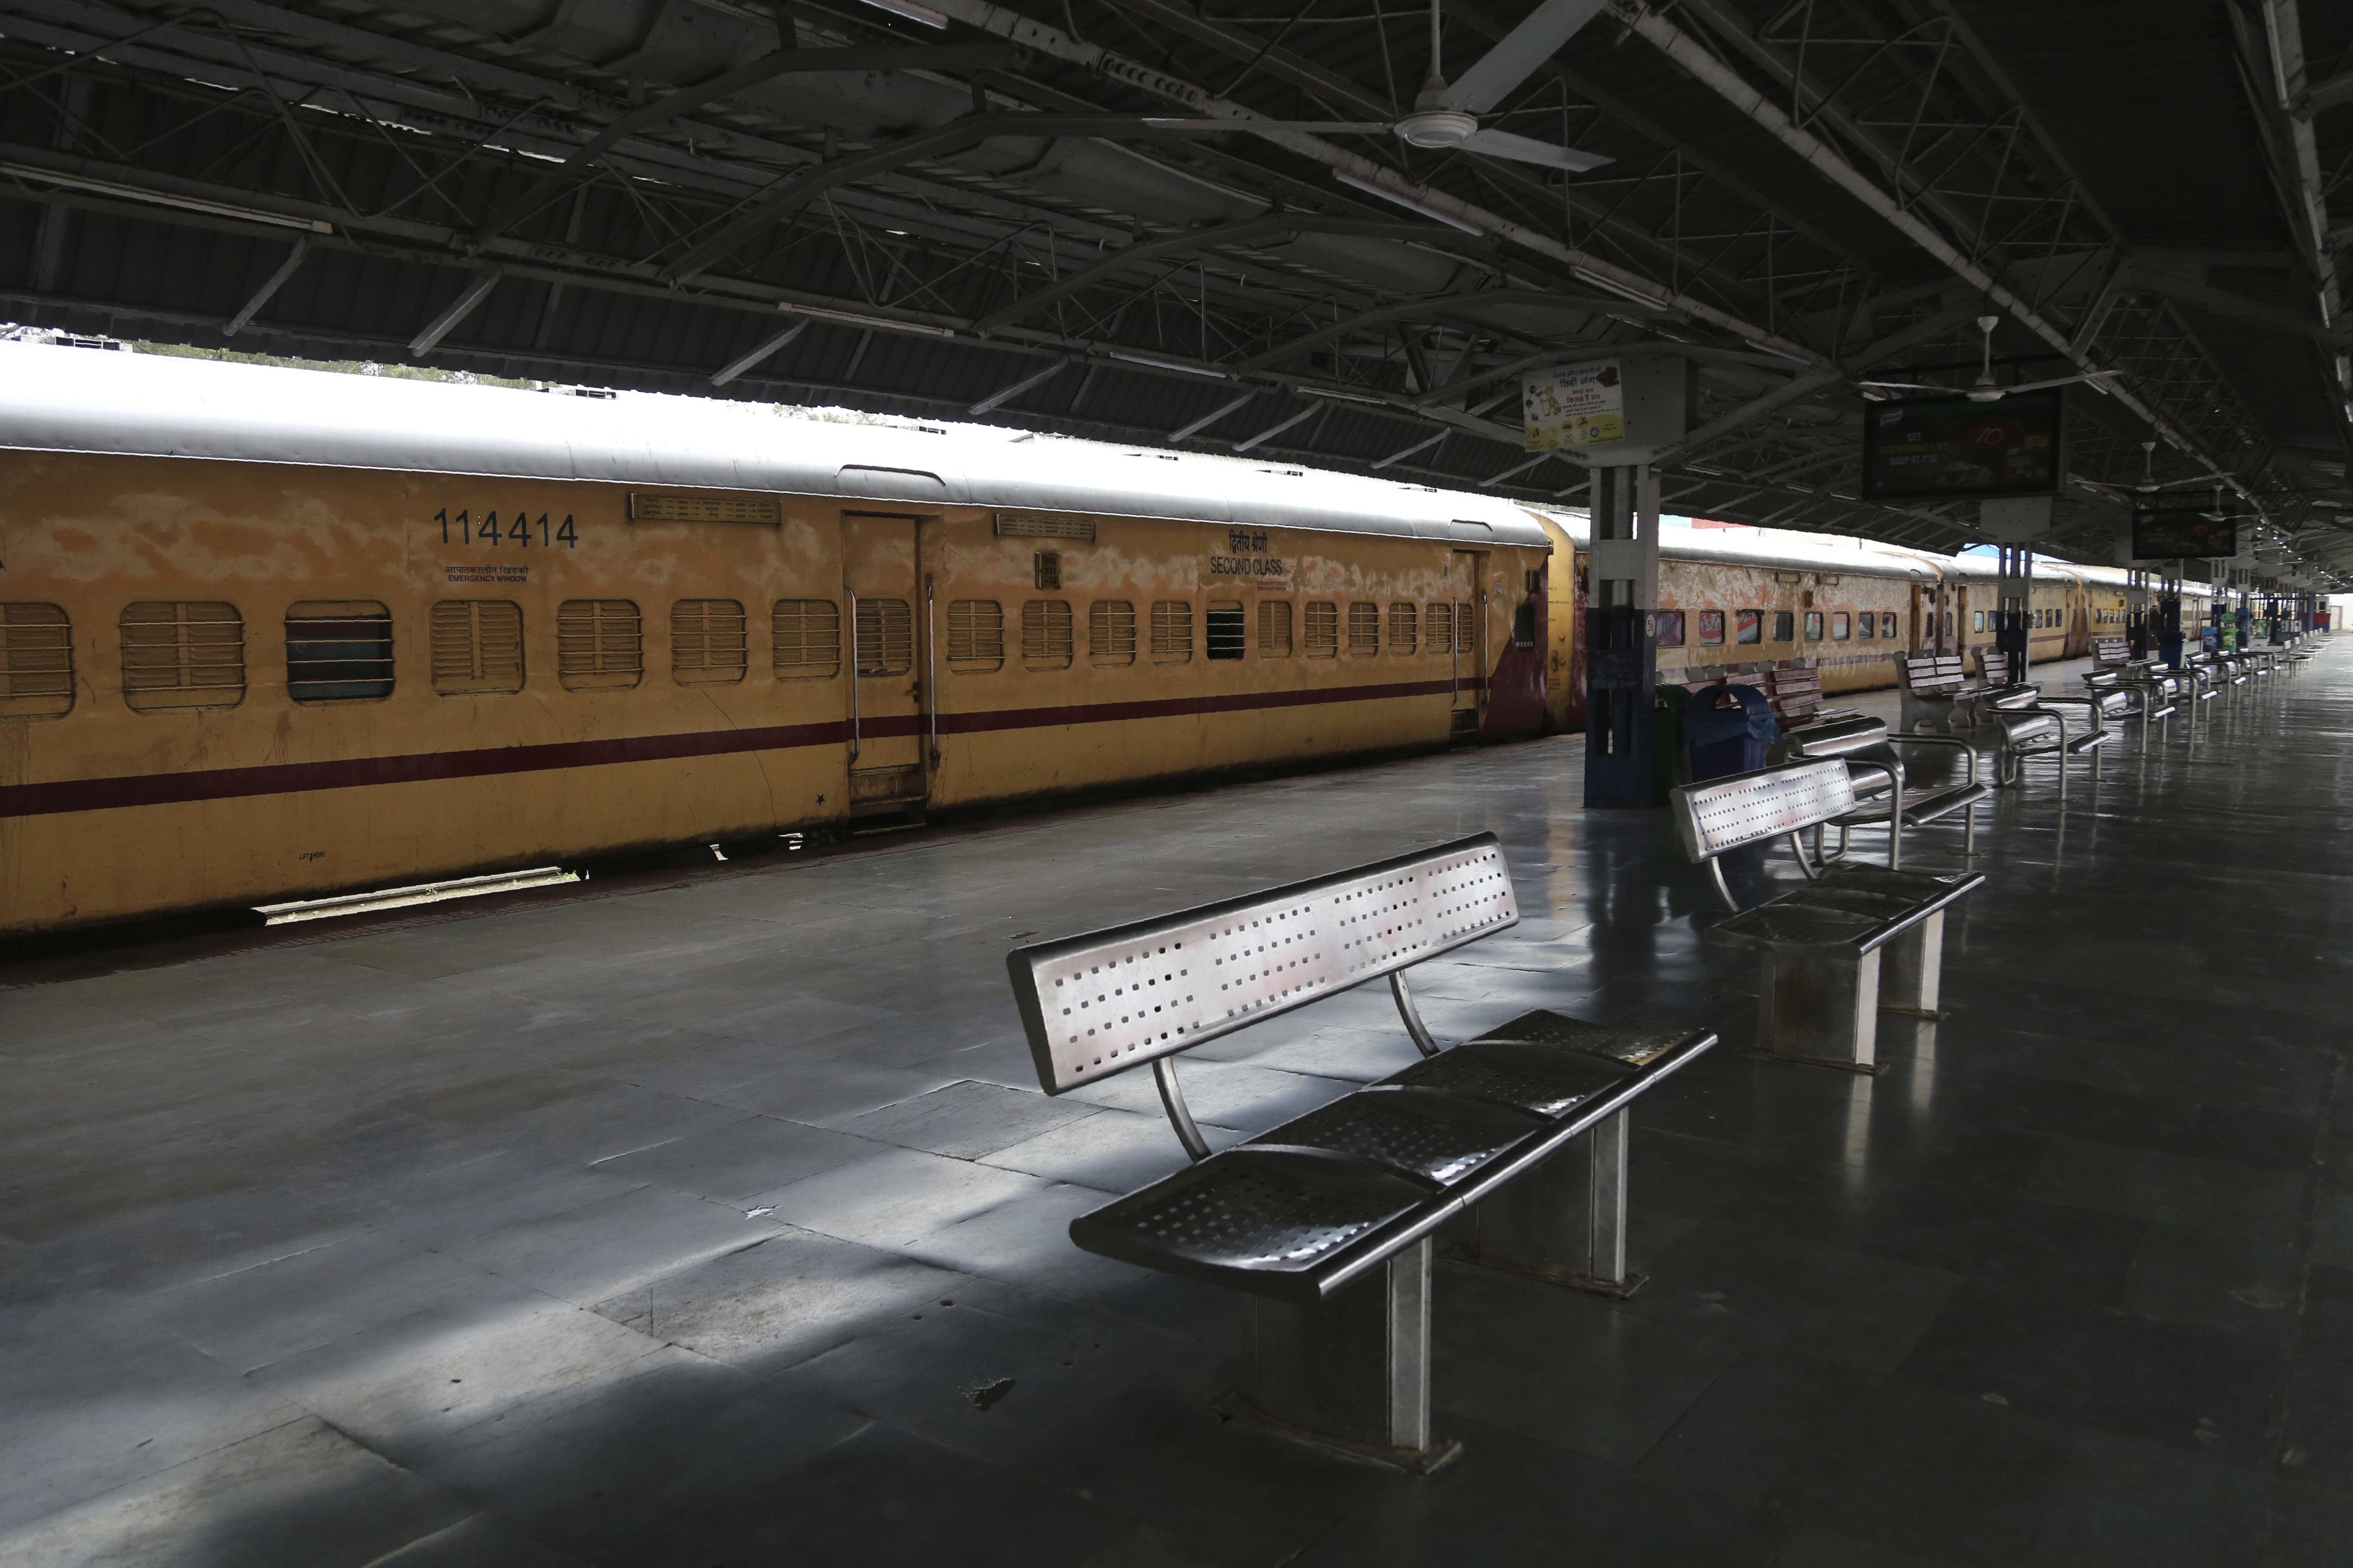 The deserted train station in Jammu during the coronavirus lockdown.